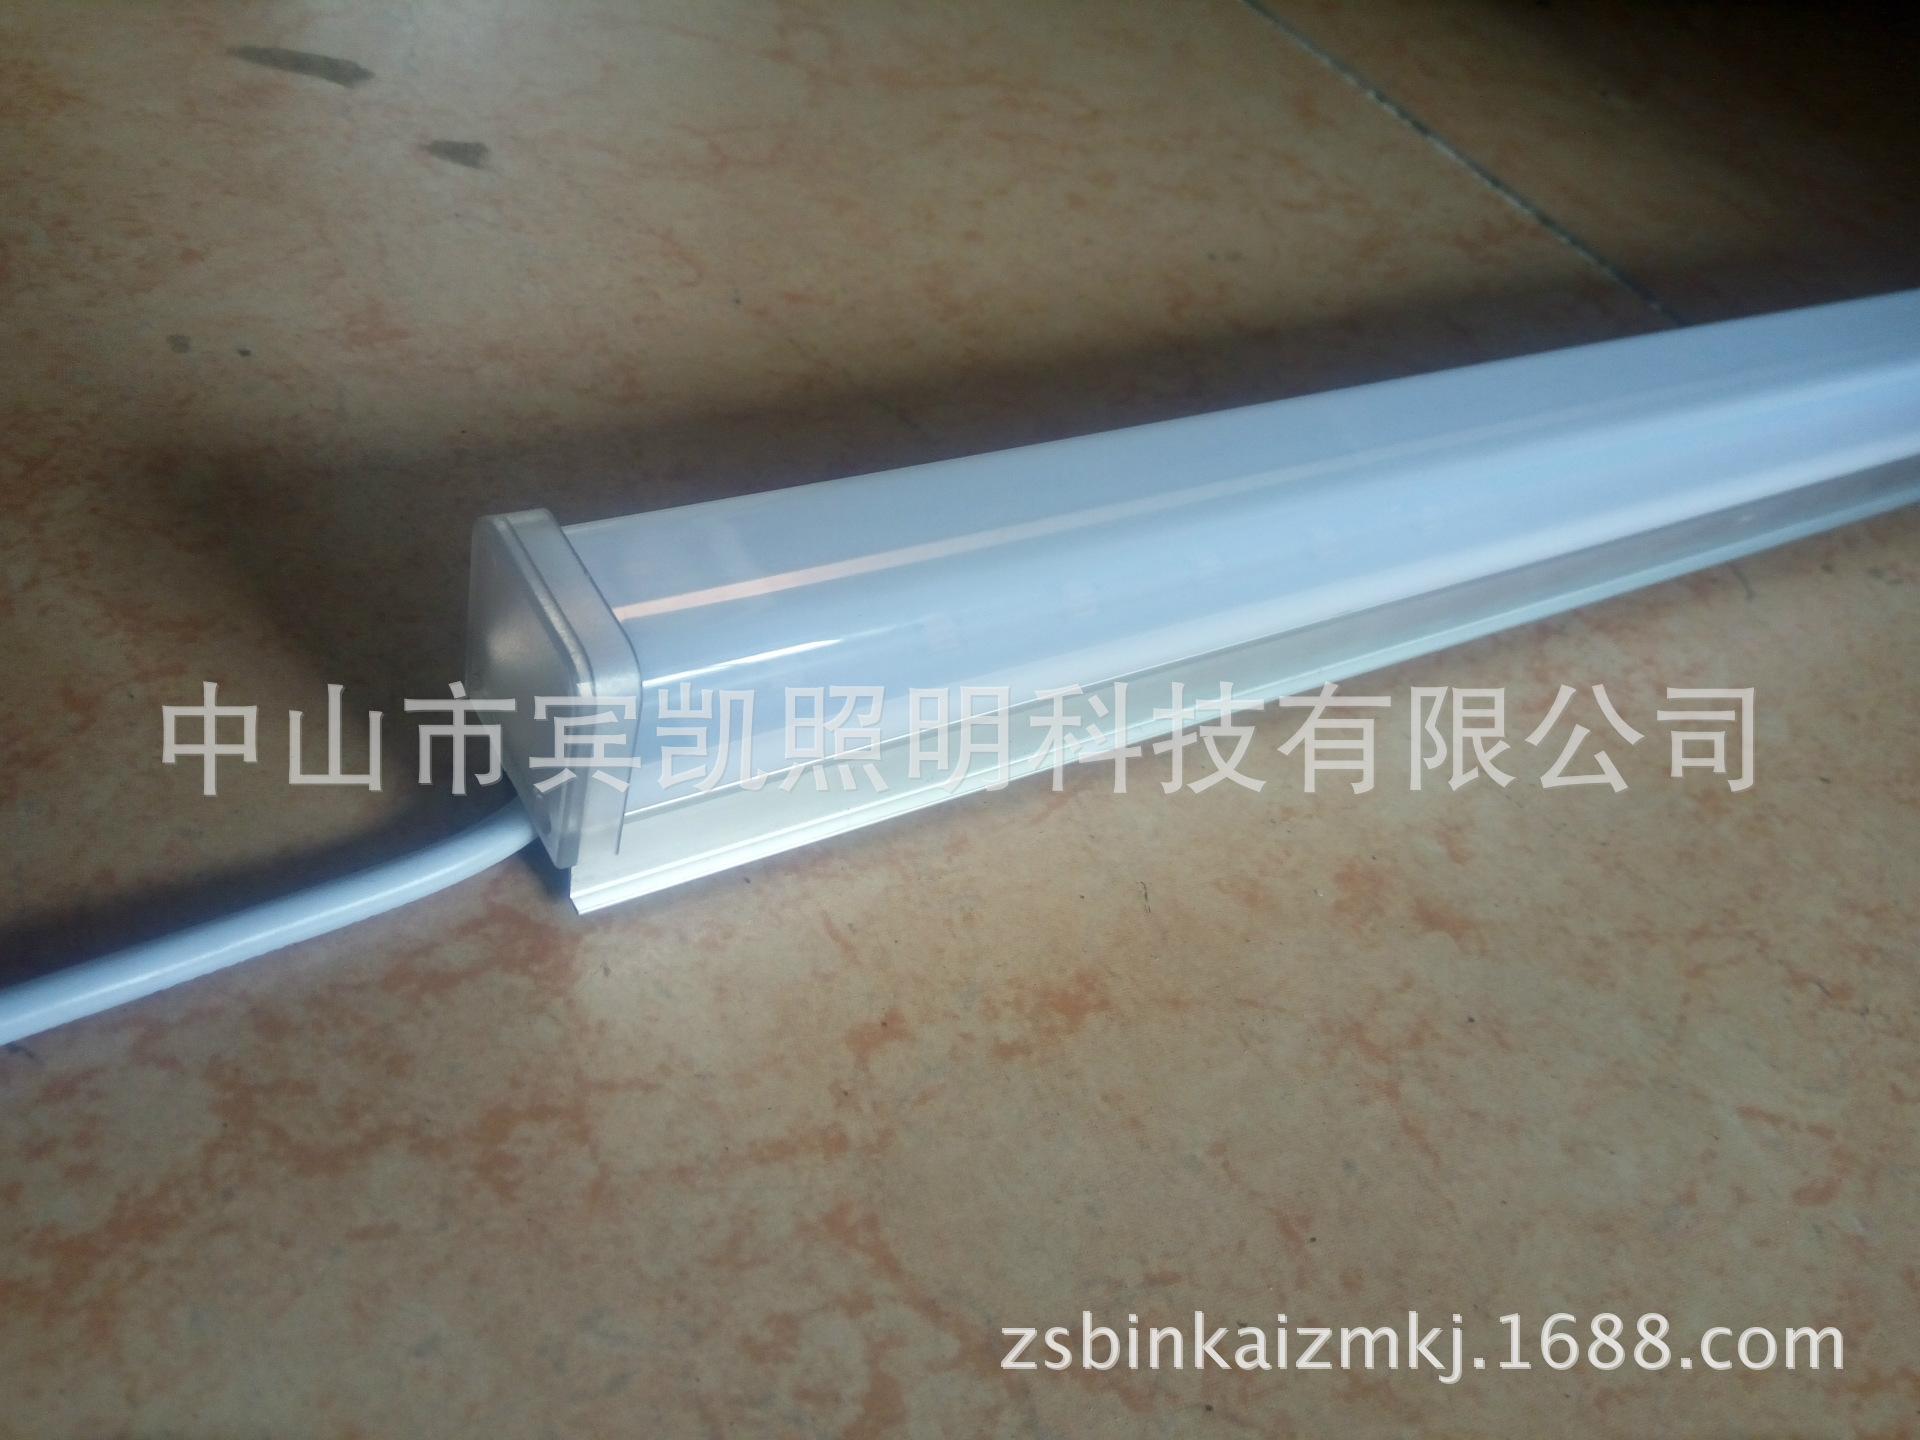 铝材LED护栏管 护栏管 led轮廓灯铝壳灌胶LED护栏管方型护栏管示例图4